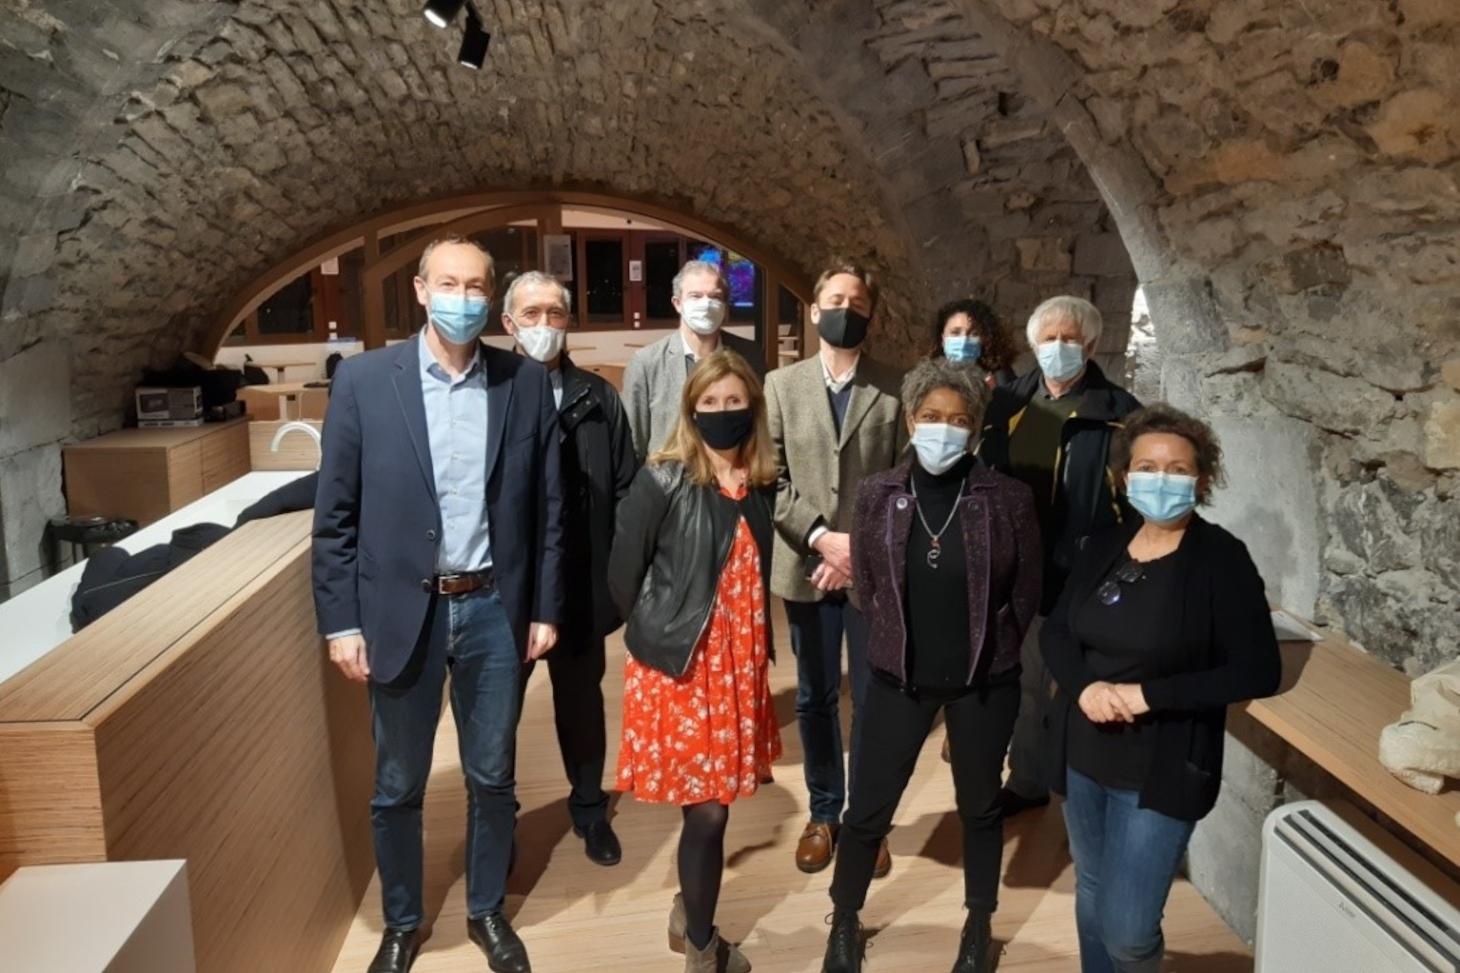 Légende : Une partie du nouveau conseil d'administration de l'EPCC de culture scientifique Grenoble Alpes *